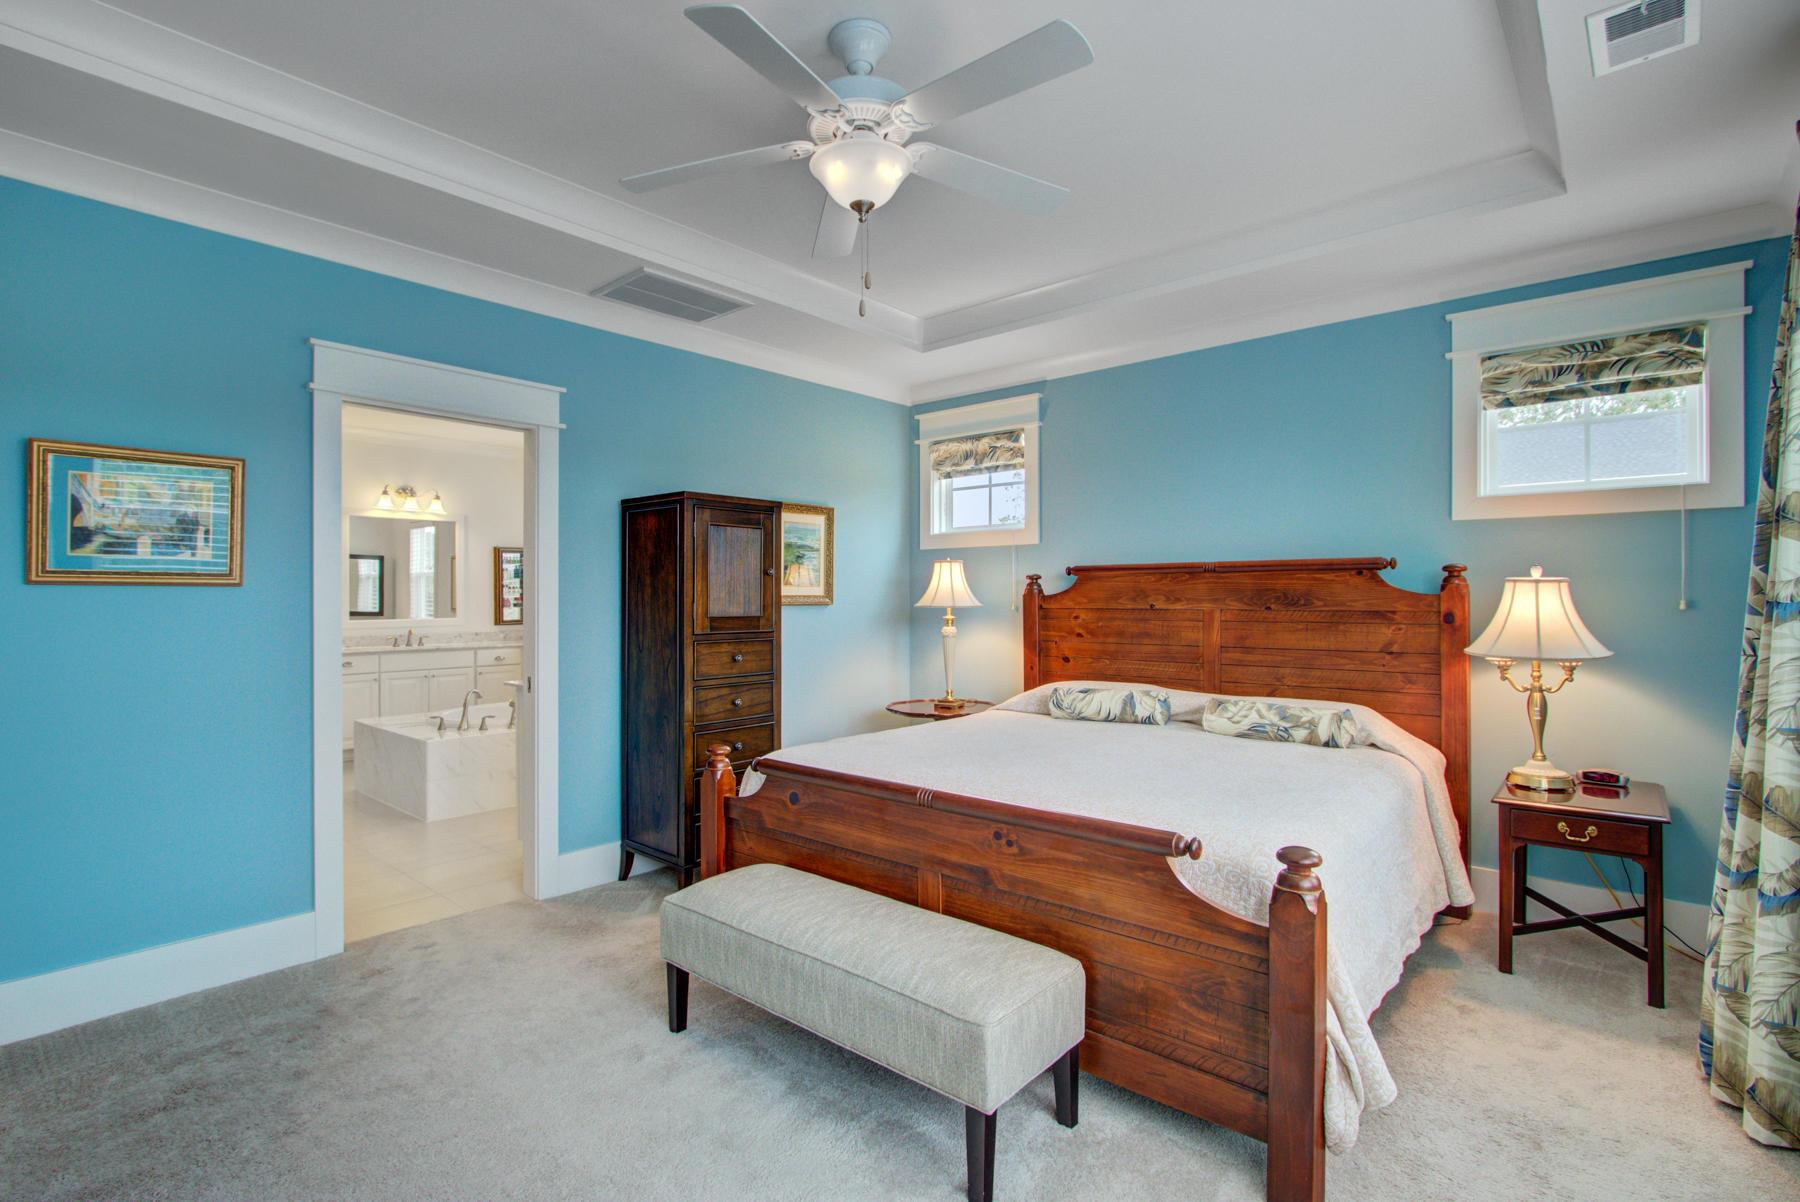 Dunes West Homes For Sale - 2984 Yachtsman, Mount Pleasant, SC - 60